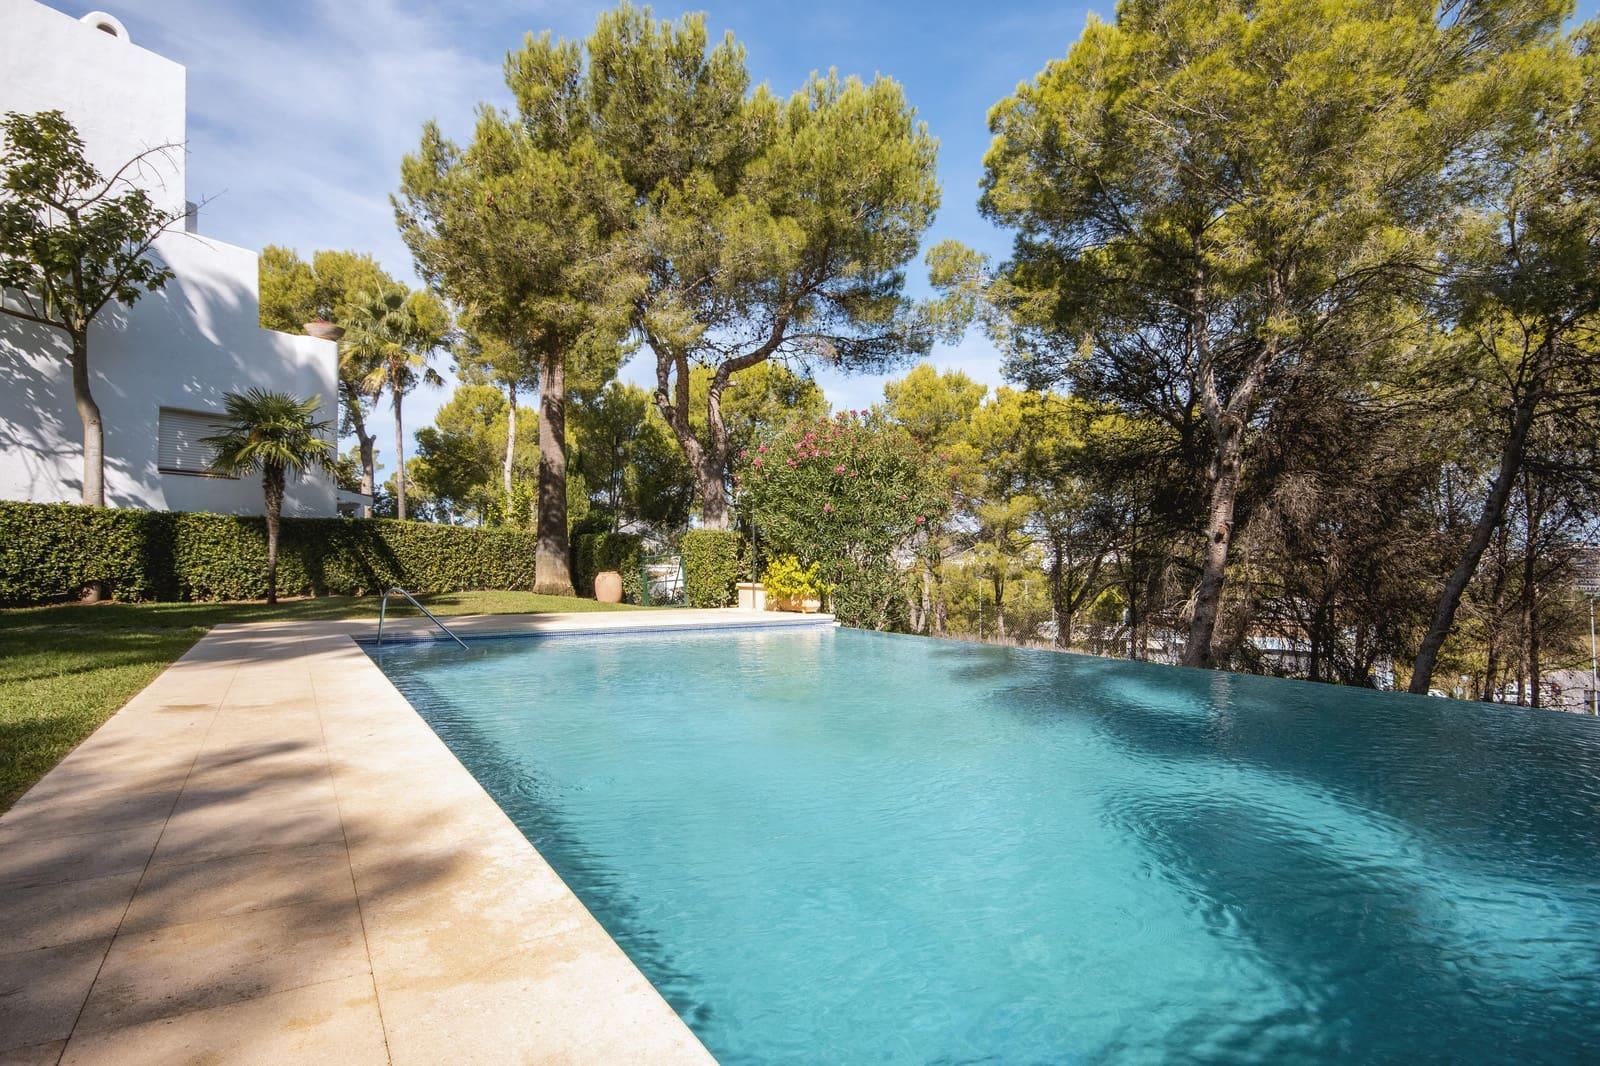 Casa de 3 habitaciones en Javea / Xàbia en alquiler vacacional con piscina garaje - 561 € (Ref: 5640491)